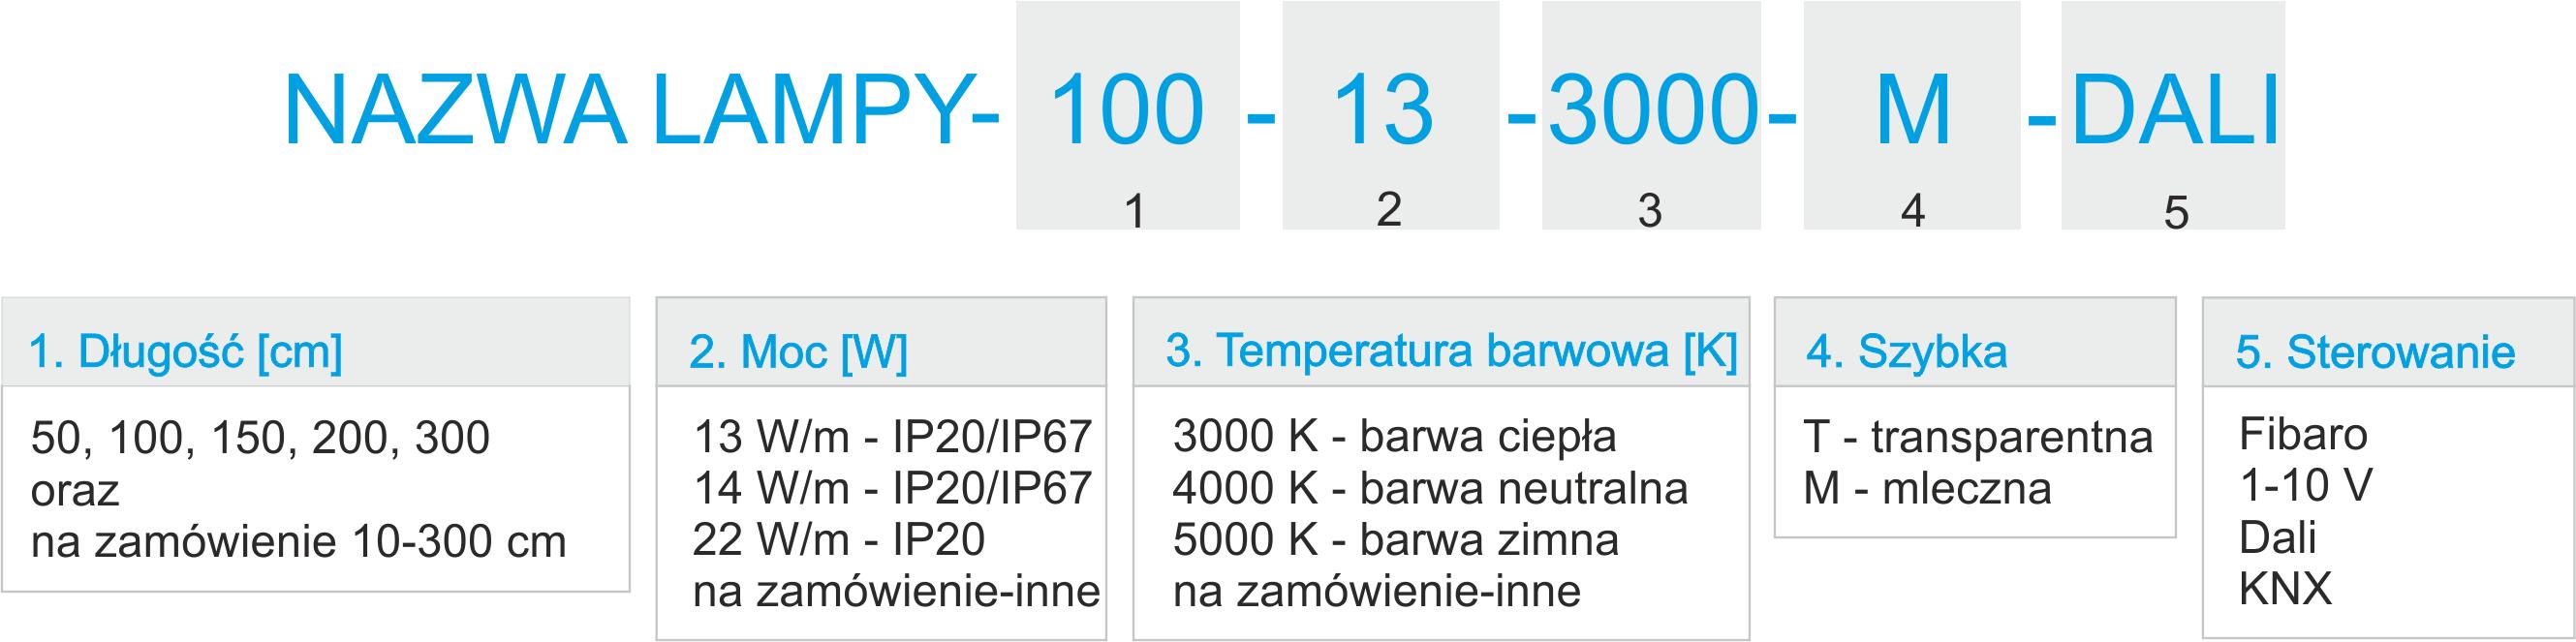 tabelka_z_kodem_13W,14,4W,22W,IP20,IP67